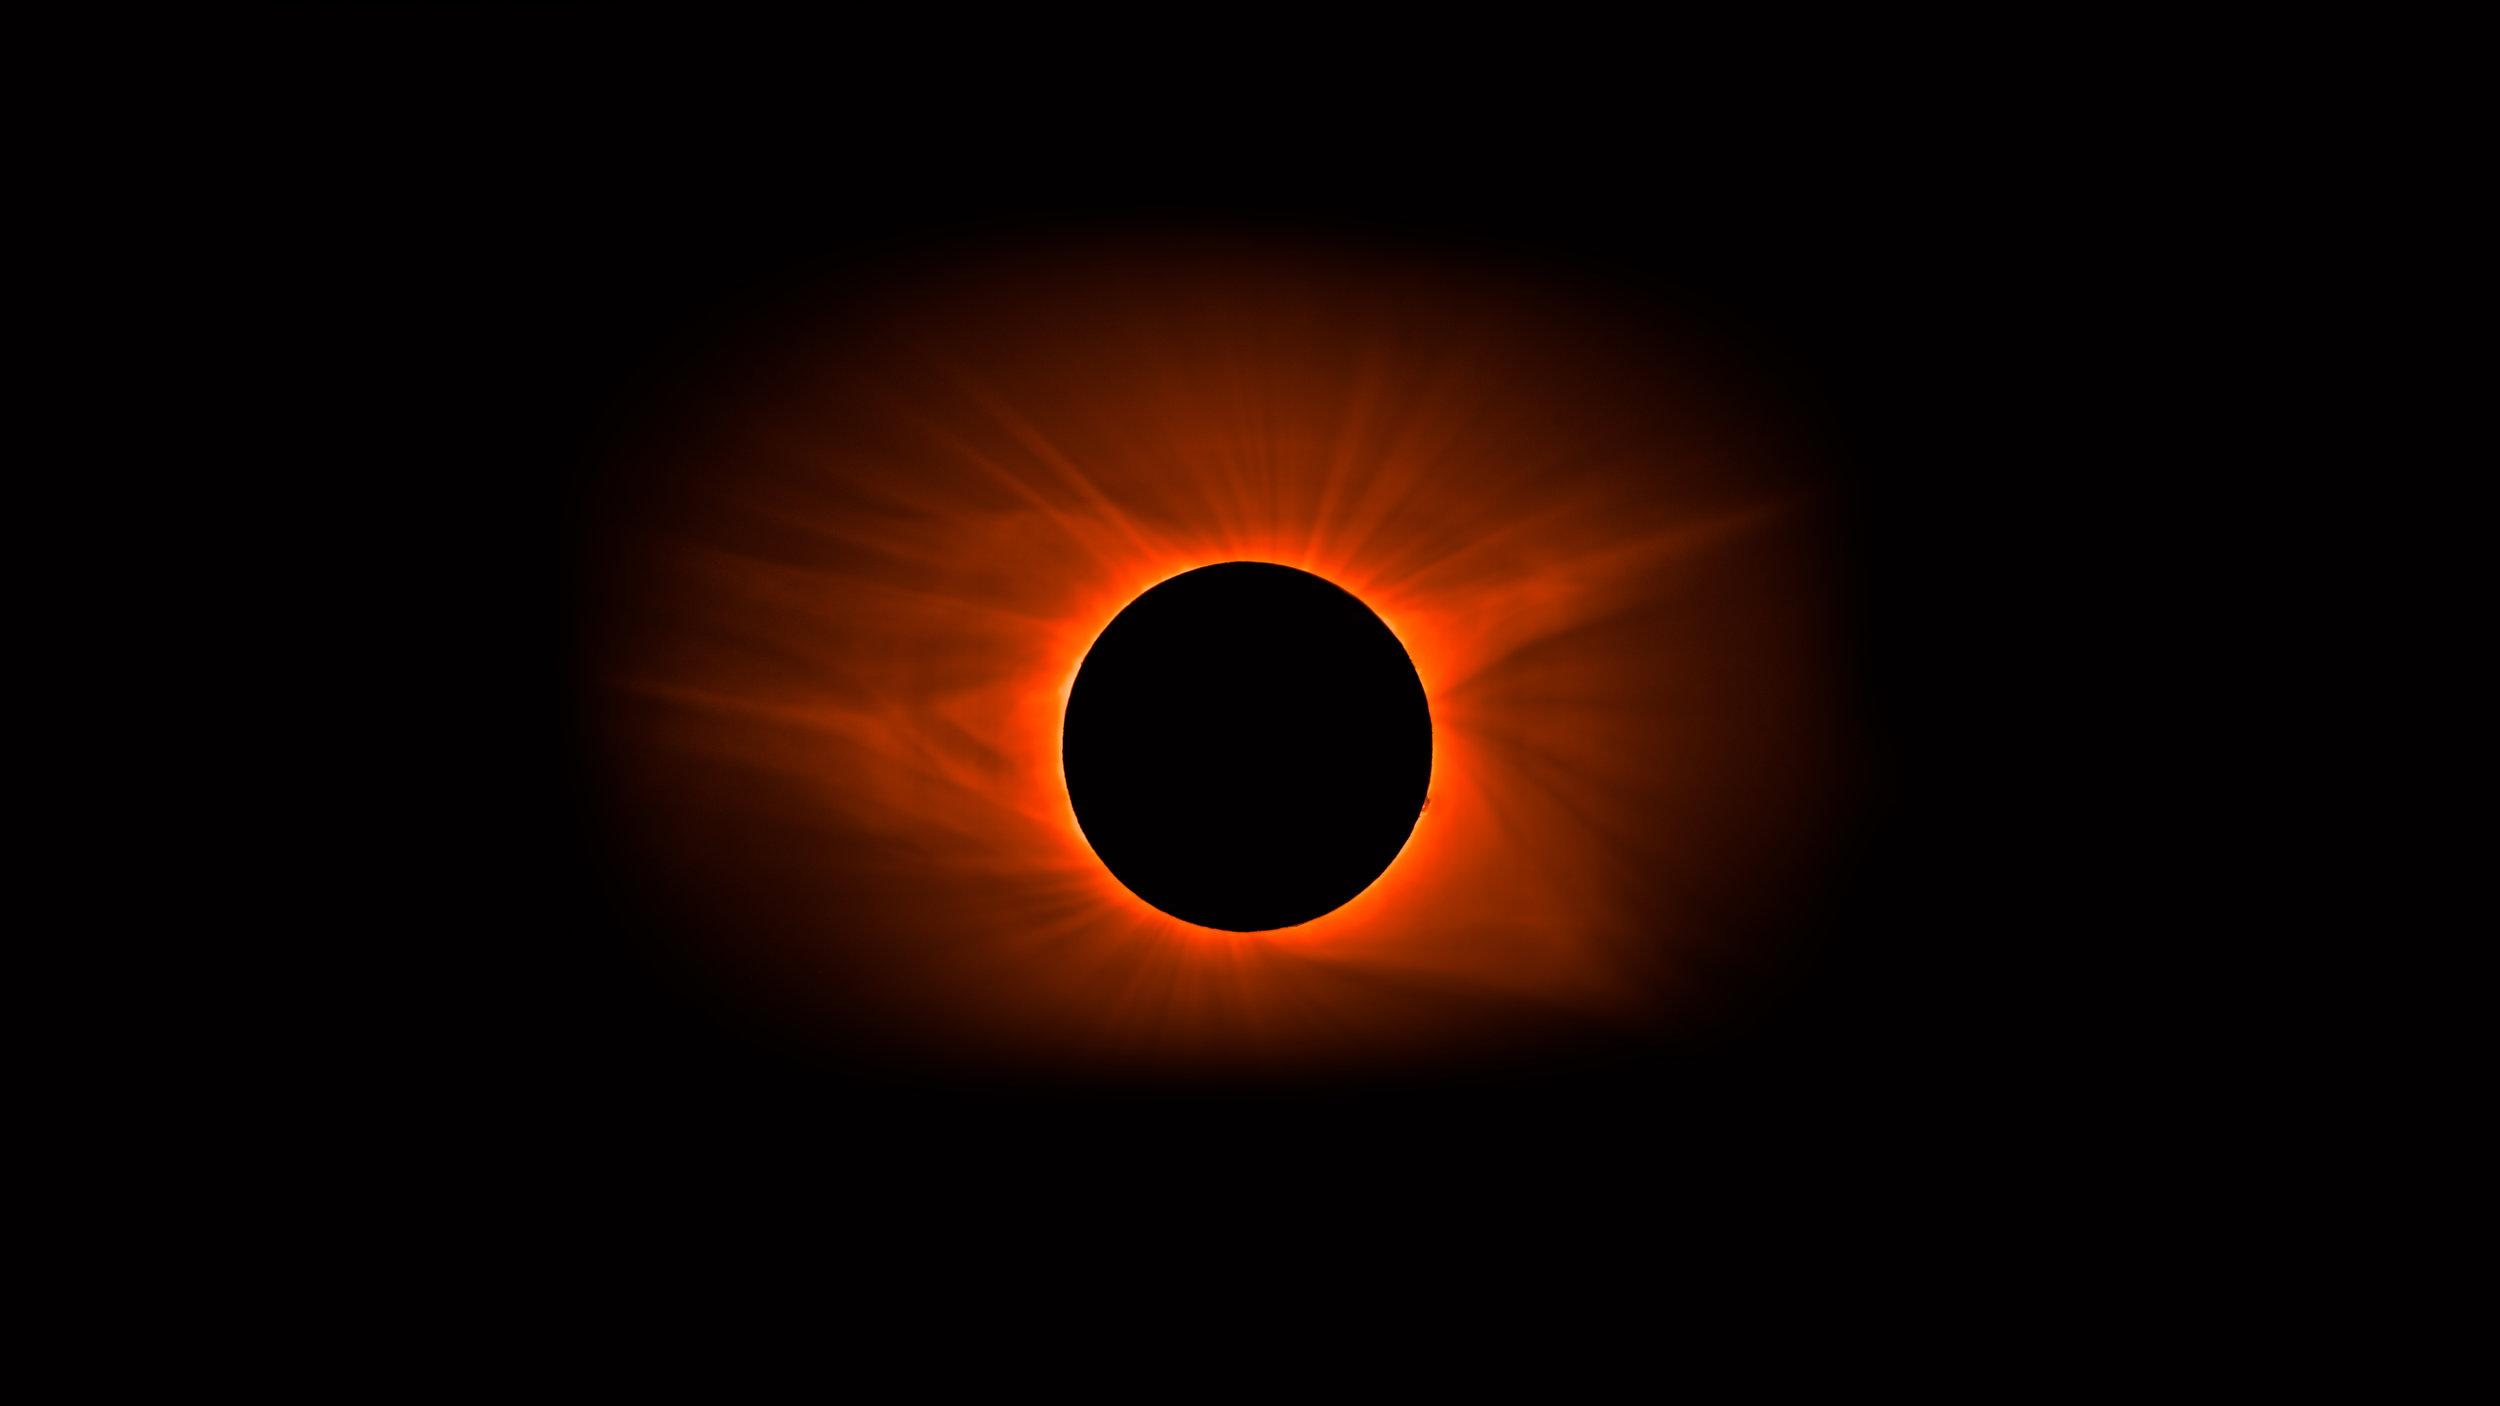 Eclipse Movie 0.jpg